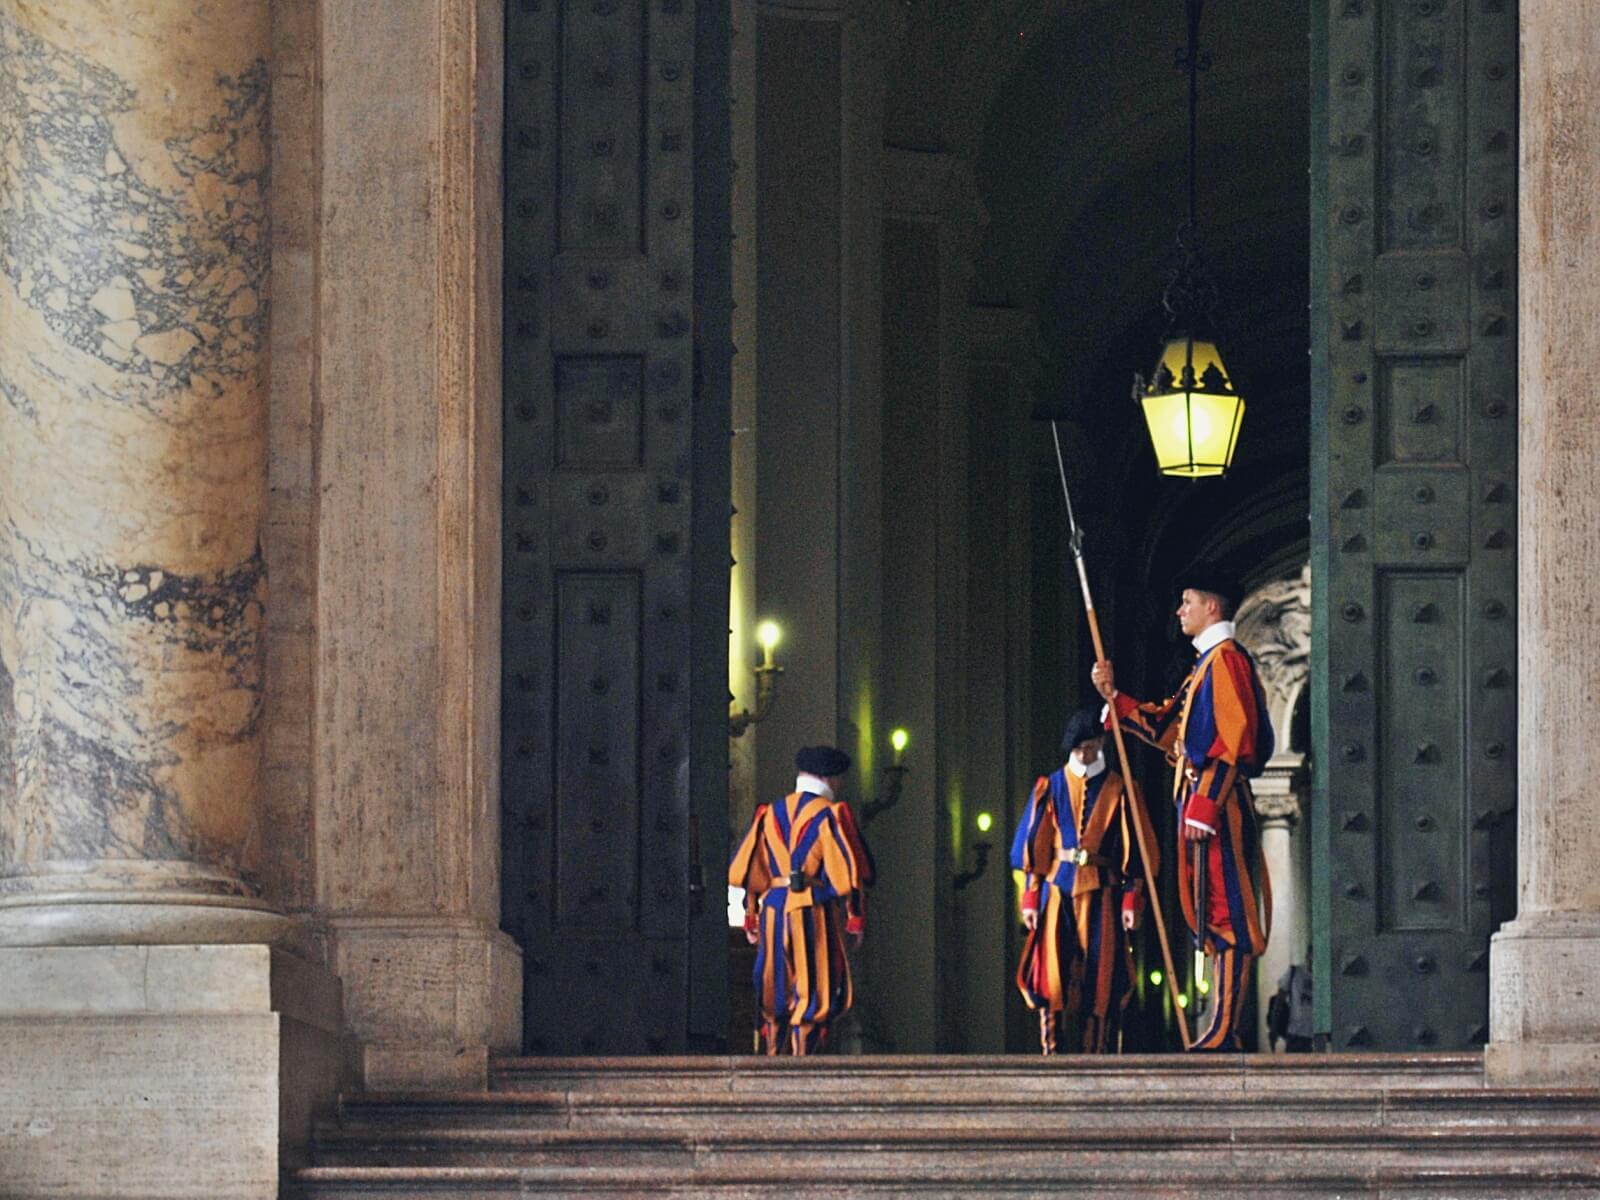 Gwardia szwajcarska przy Brązowych drzwiach w Watykanie.